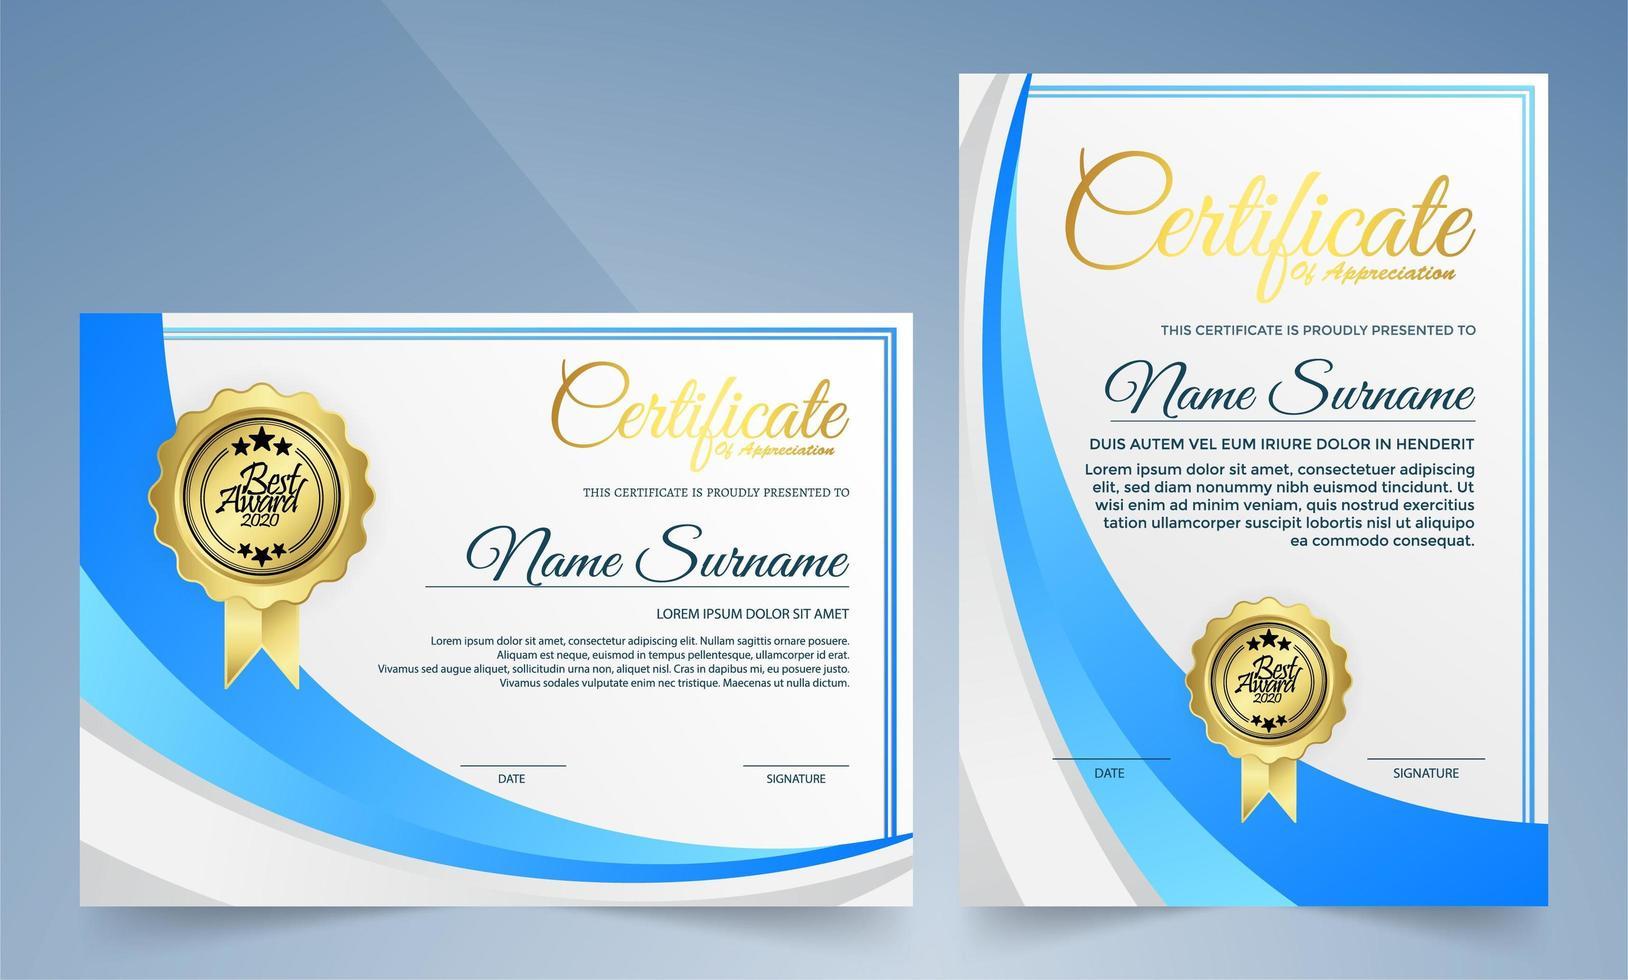 certificats de forme courbée horizontale et verticale bleu et blanc vecteur